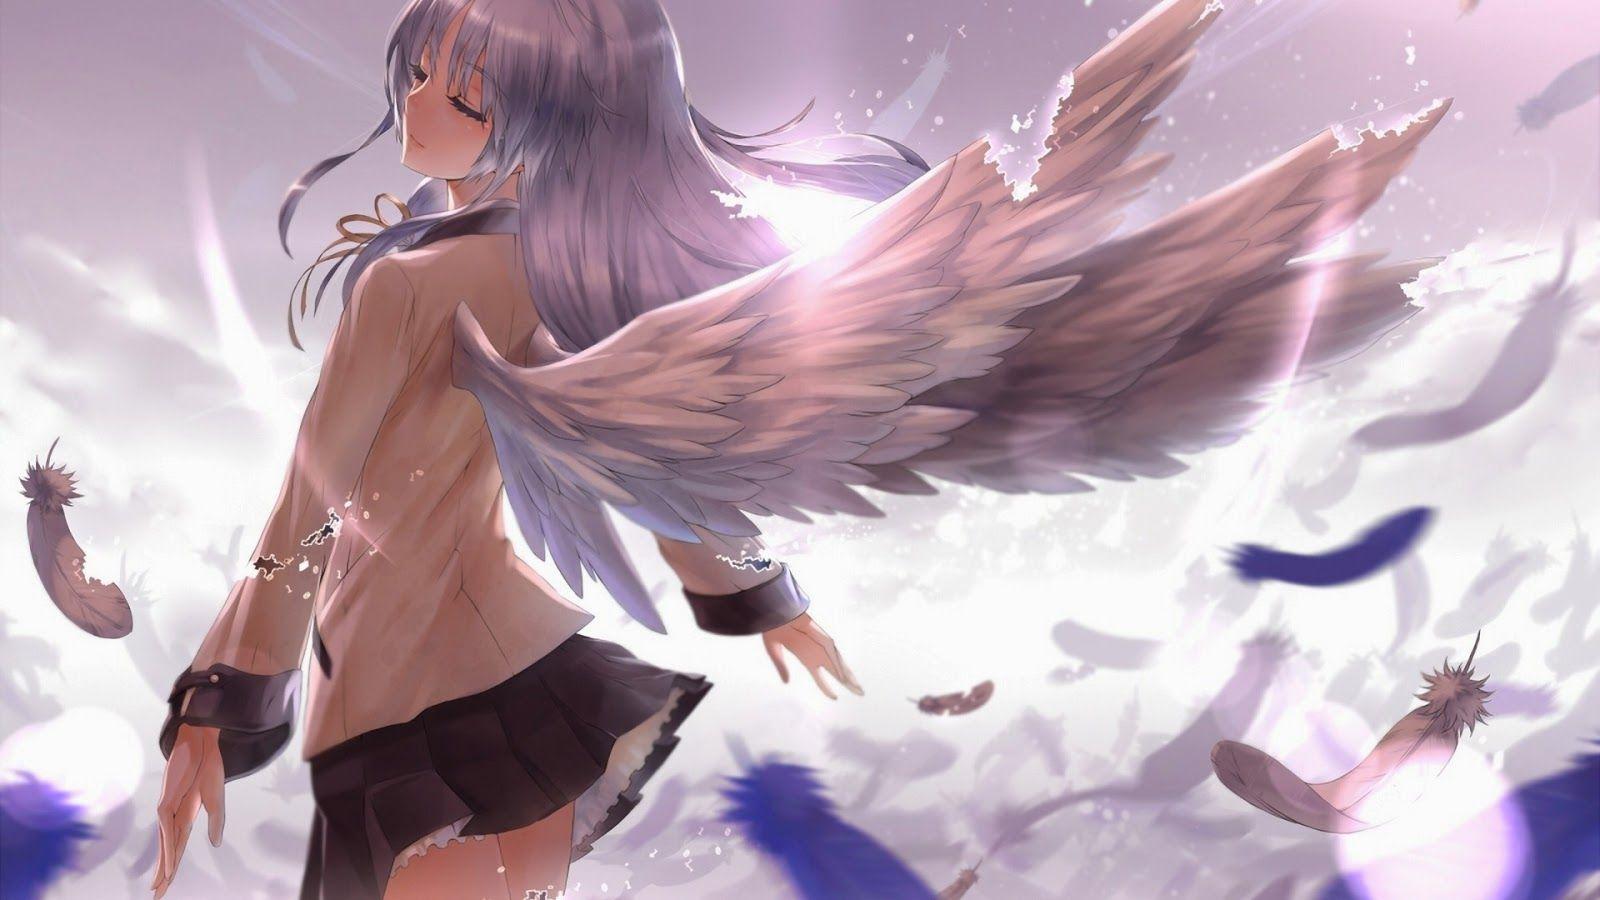 Tranh anime đẹp thiên thần cánh trắng